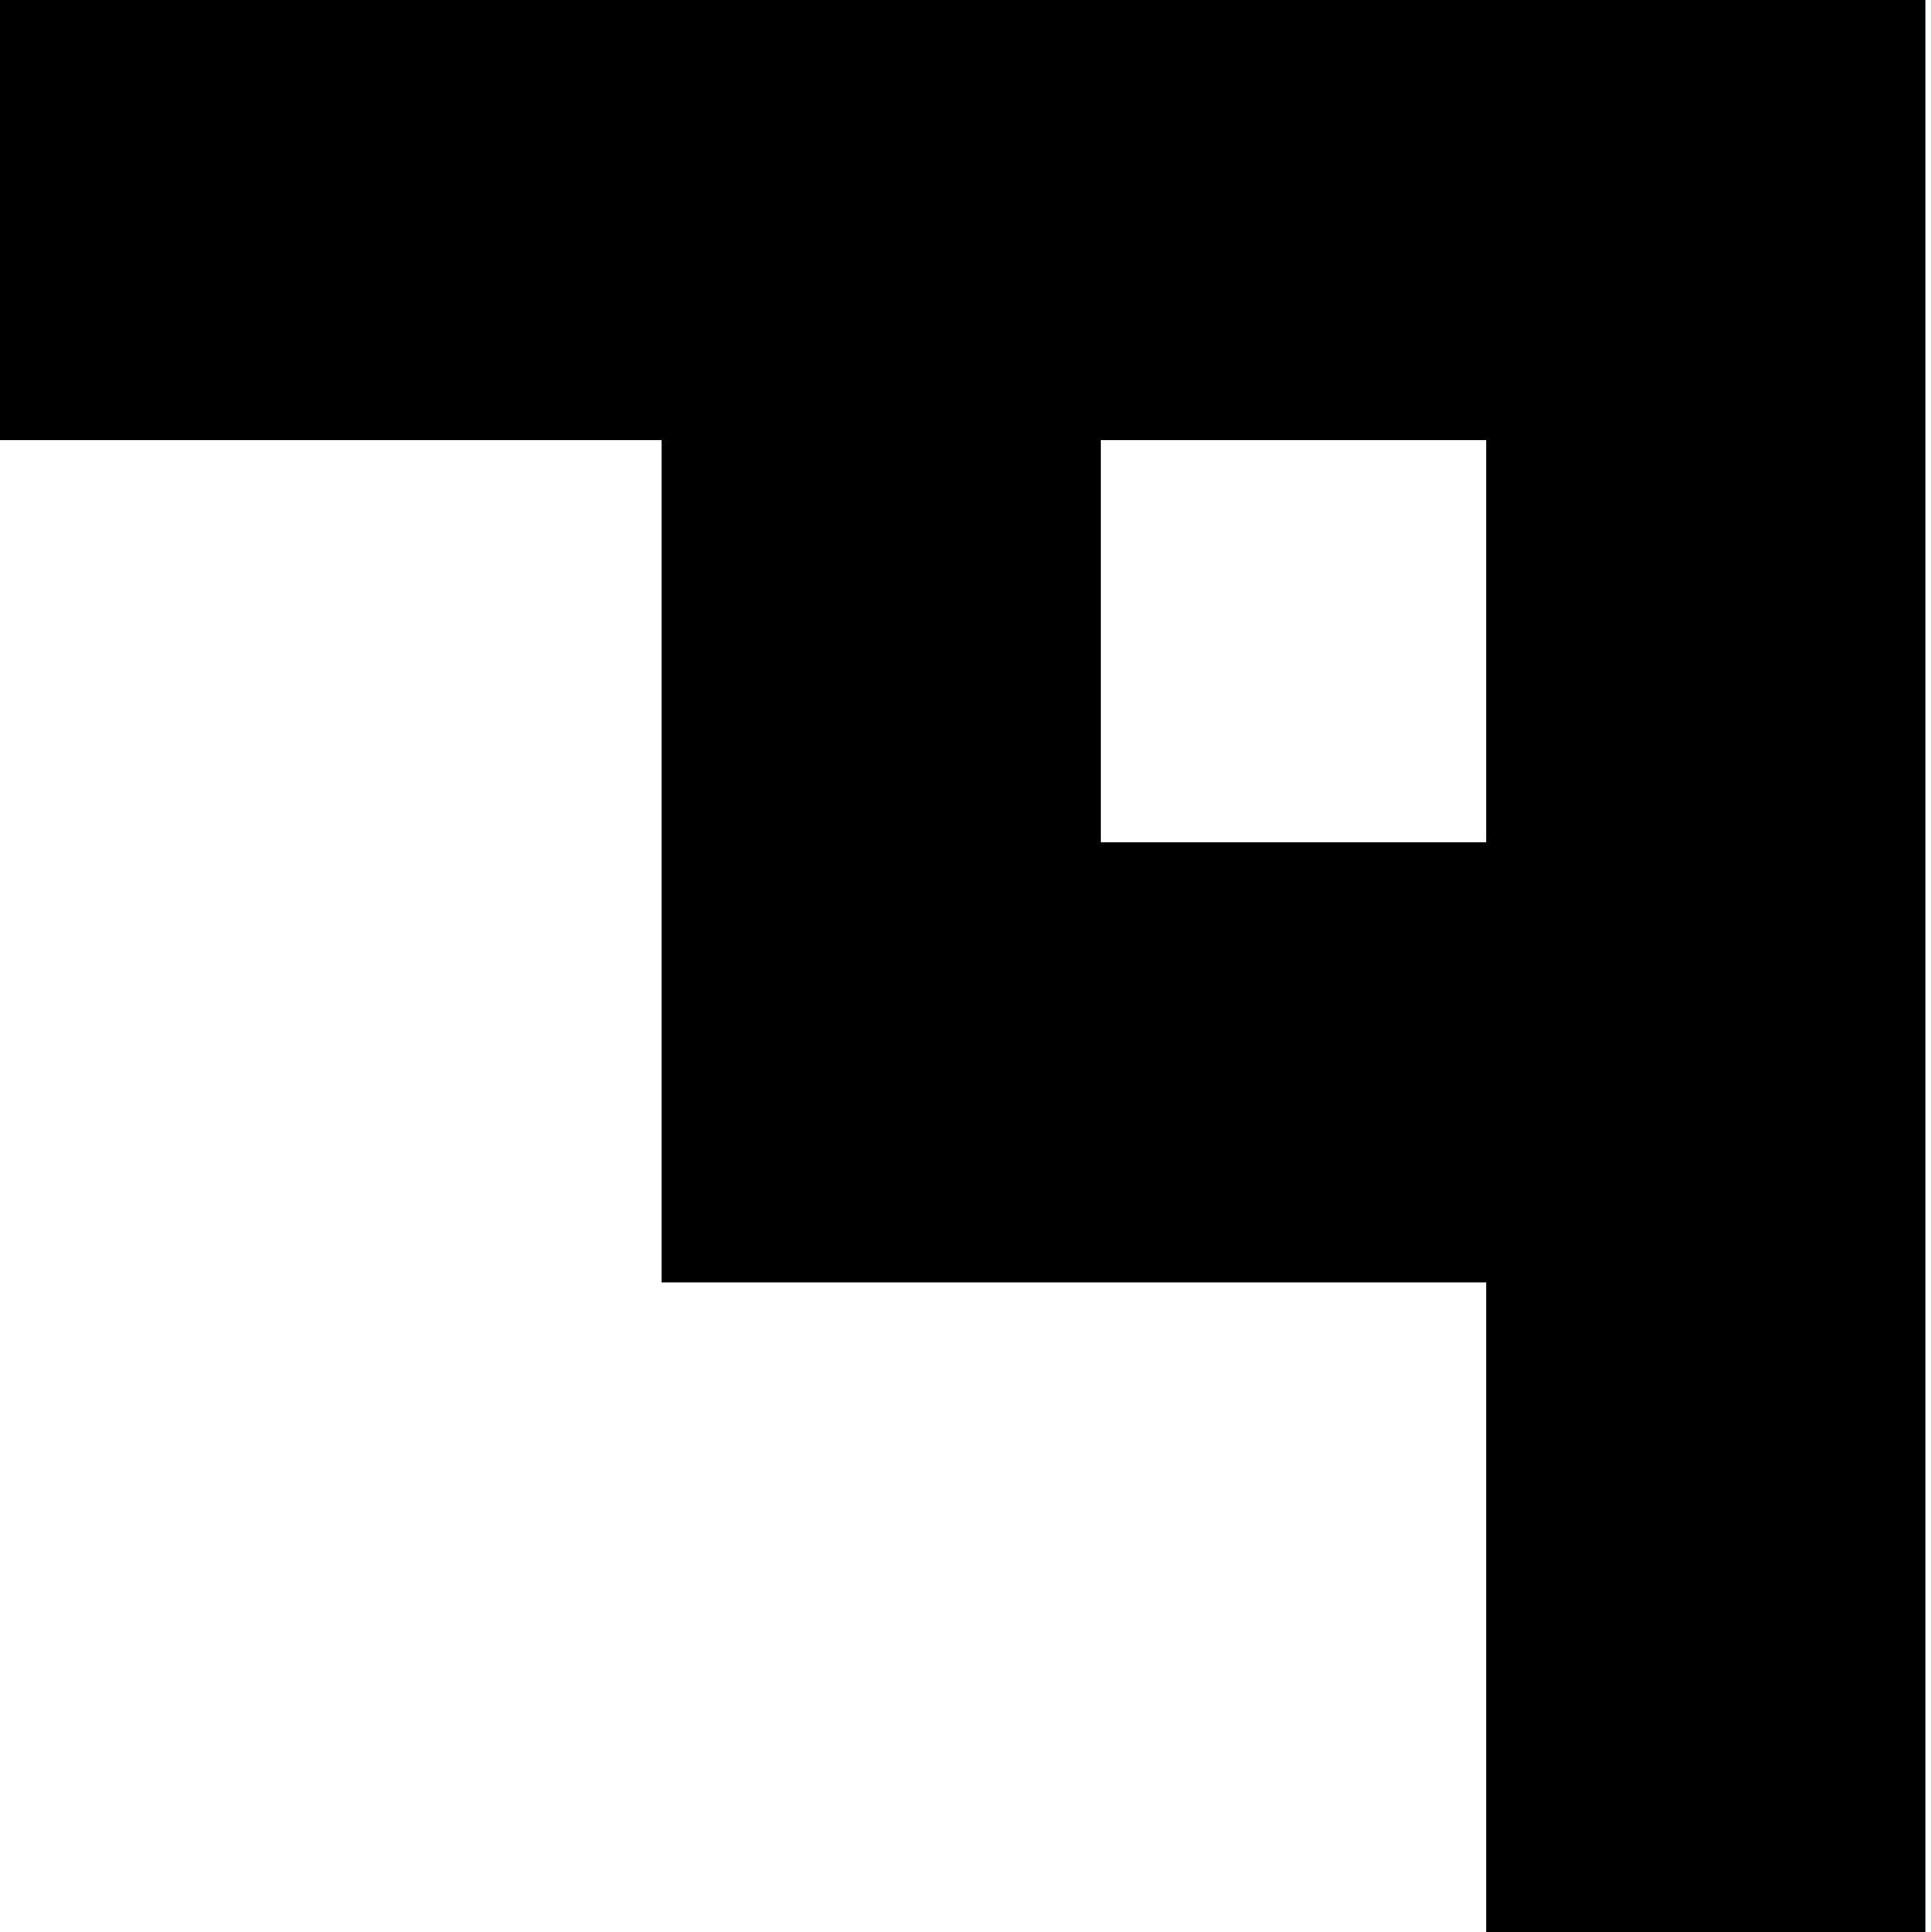 Tart Logo Teil 2 Weiss